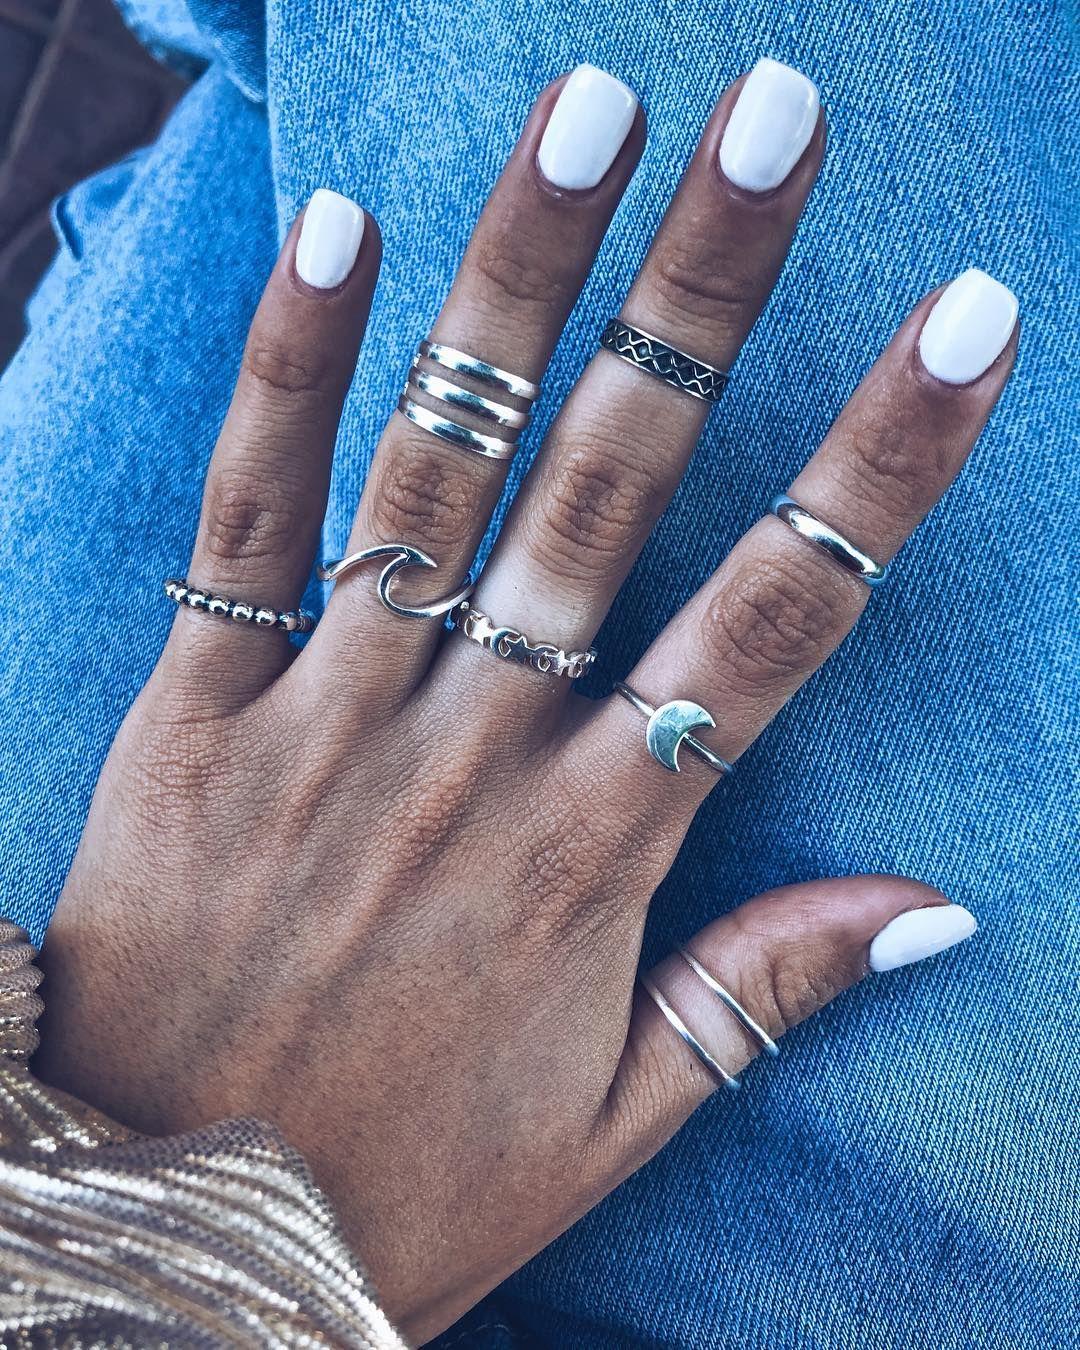 D E J A N D O H U E L L A S On Instagram Anillos Midis Y Normales Cuales Te Gustan Más Nosotras Apostamos Por Usarlos Combi Jewelry Silver Rings Rings